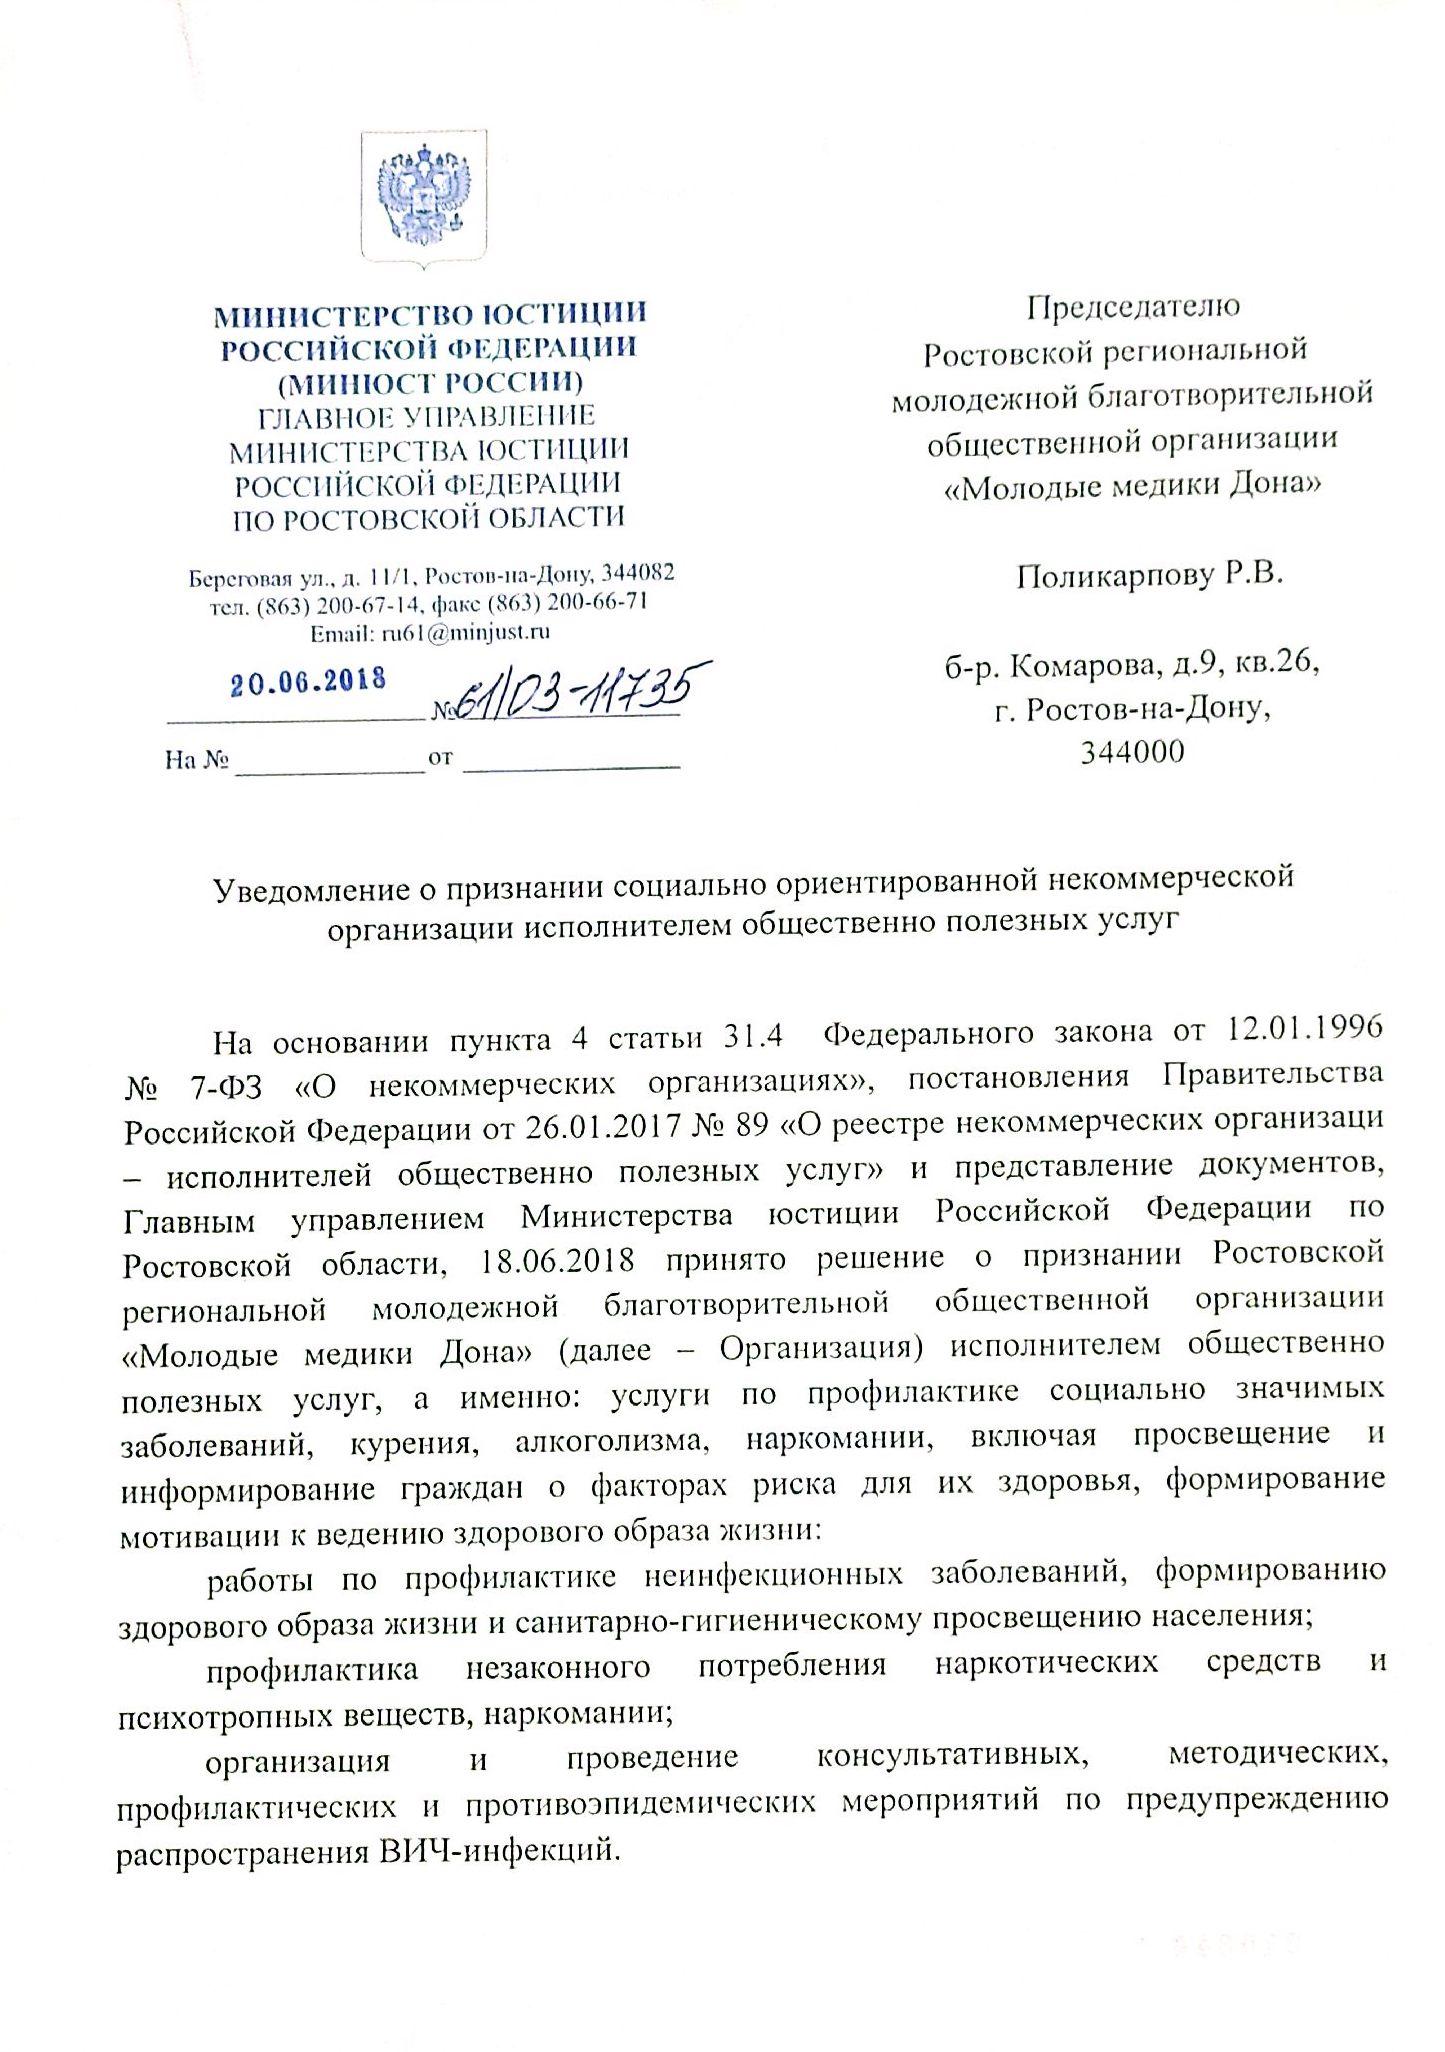 реестр некоммерческих организаций ростовской области